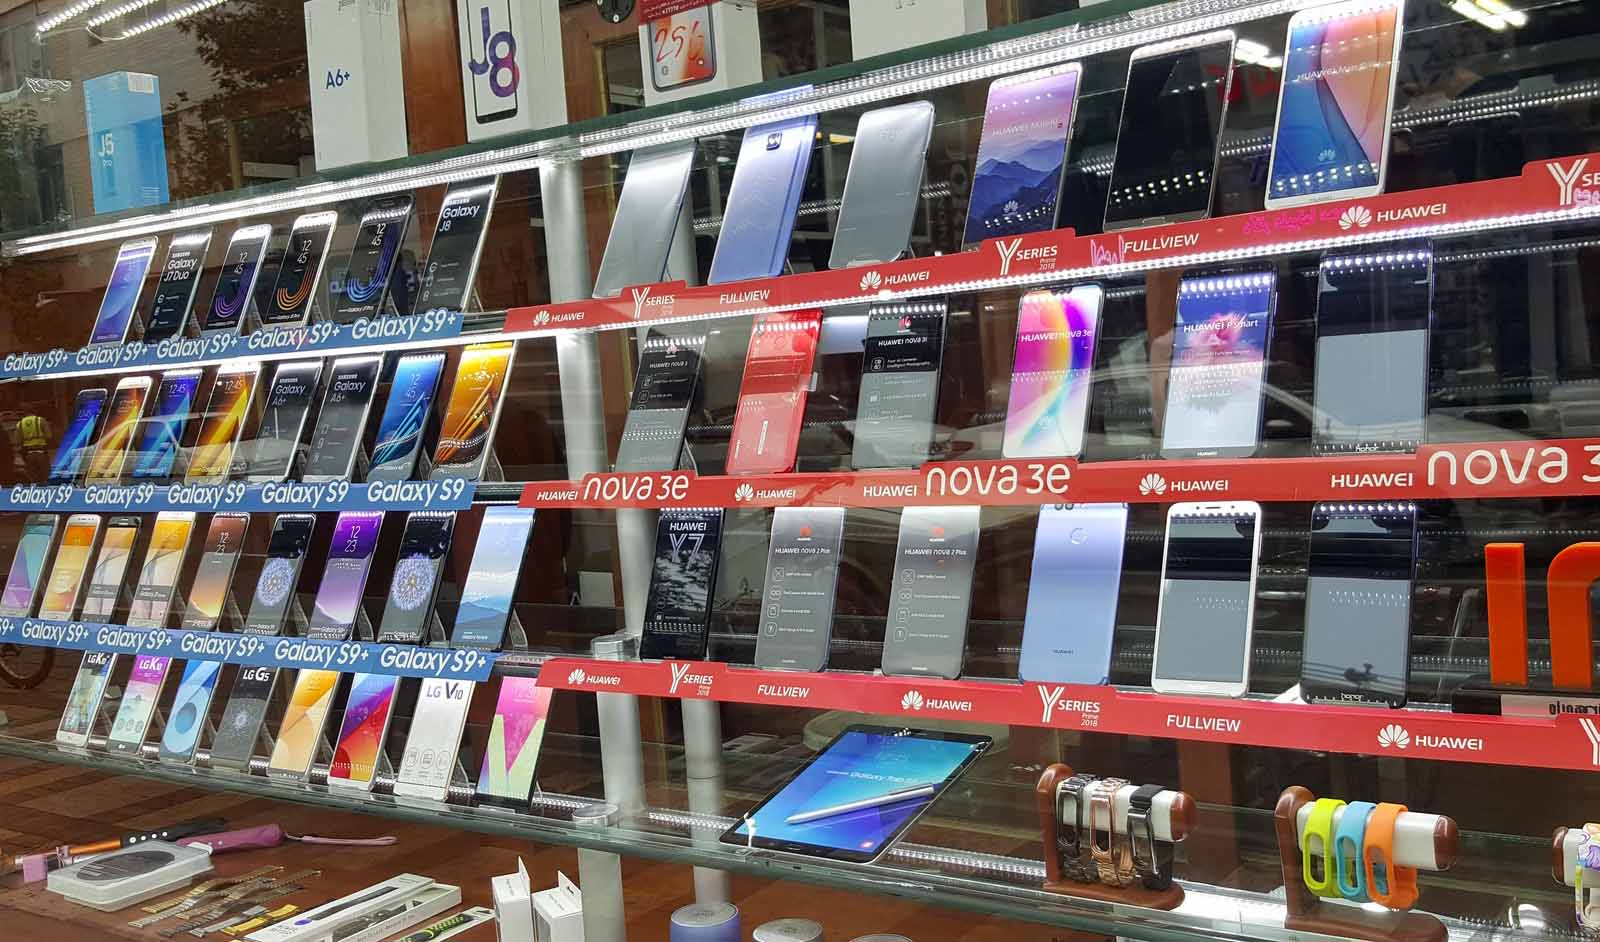 تولید تلفن همراه در داخل کشور امکانپذیر نیست/ فروش امتیاز پاسپورت برای رجیستری موبایل به قیمت ۳ میلیون تومان